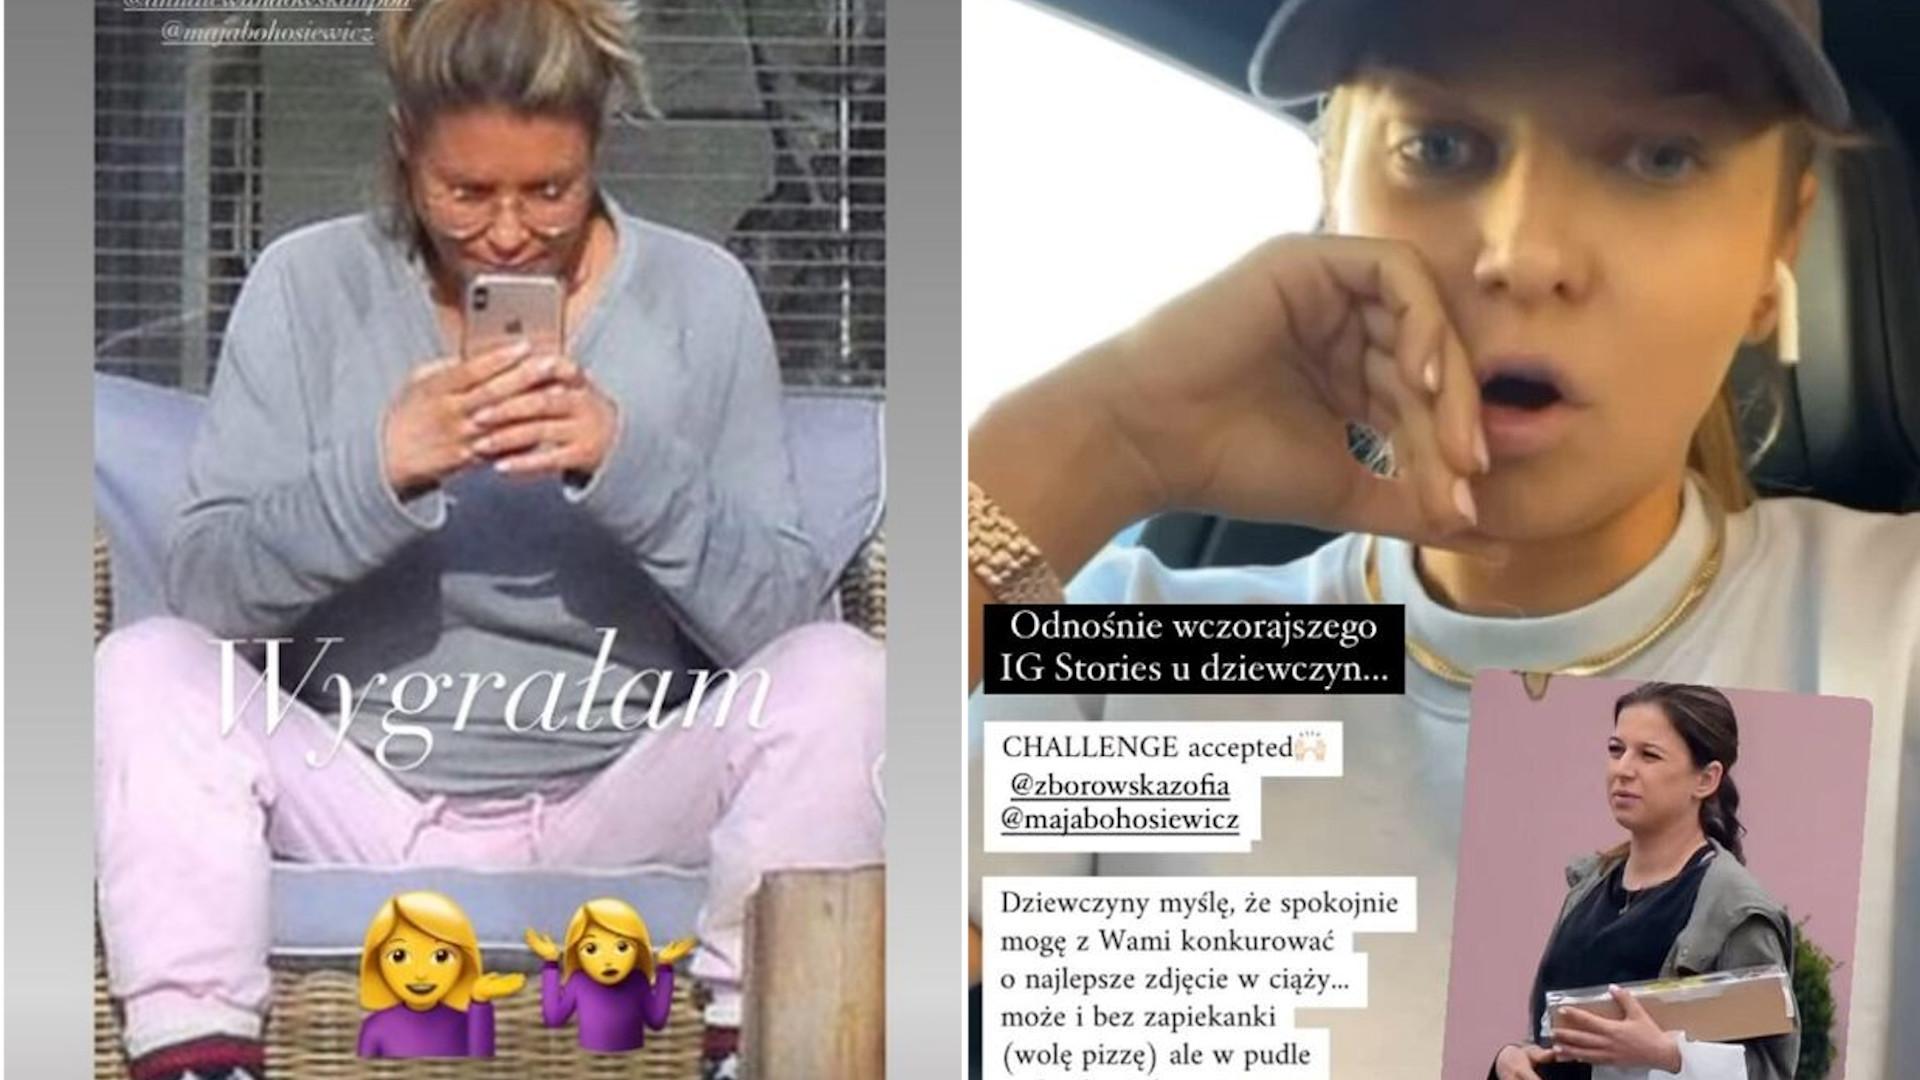 Polskie gwiazdy licytują się o NAJGORSZE zdjęcie paparazzi w czasie ciąży